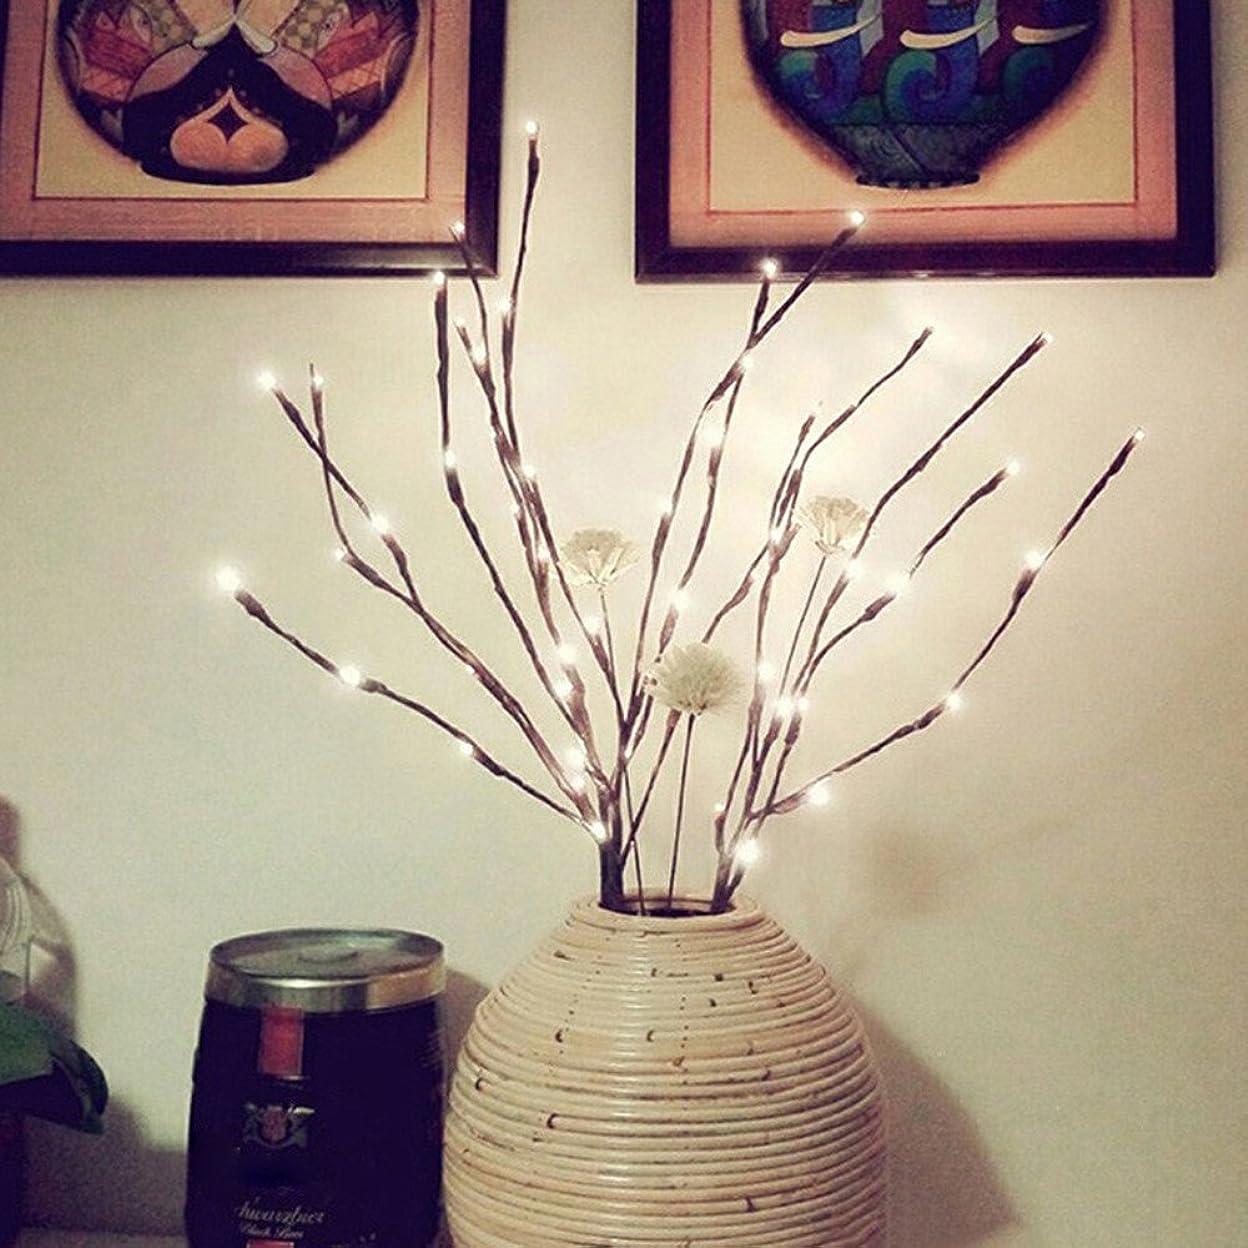 おばさんロッドかなりストリングライト 、 20球LEDイルミネーションライト ウィローブランチランプ家の休日党装飾の装飾のための電池式の人工的な木のヤナギの枝ランプ (イエロー)